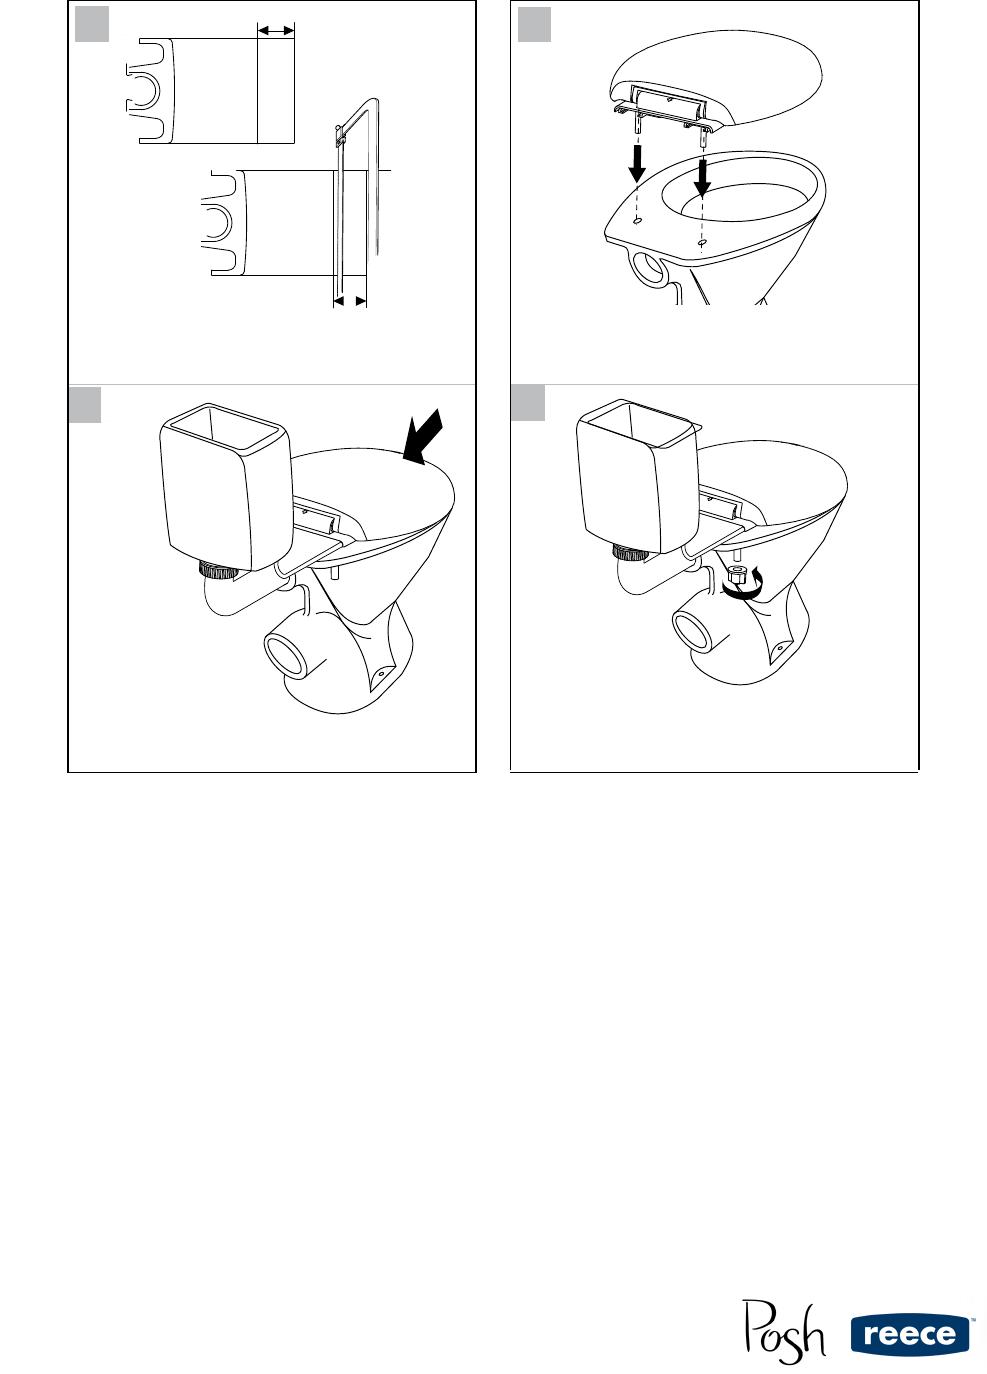 JSS4 TS Posh Dominique Link Toilet Suite 9502975 tech warranty